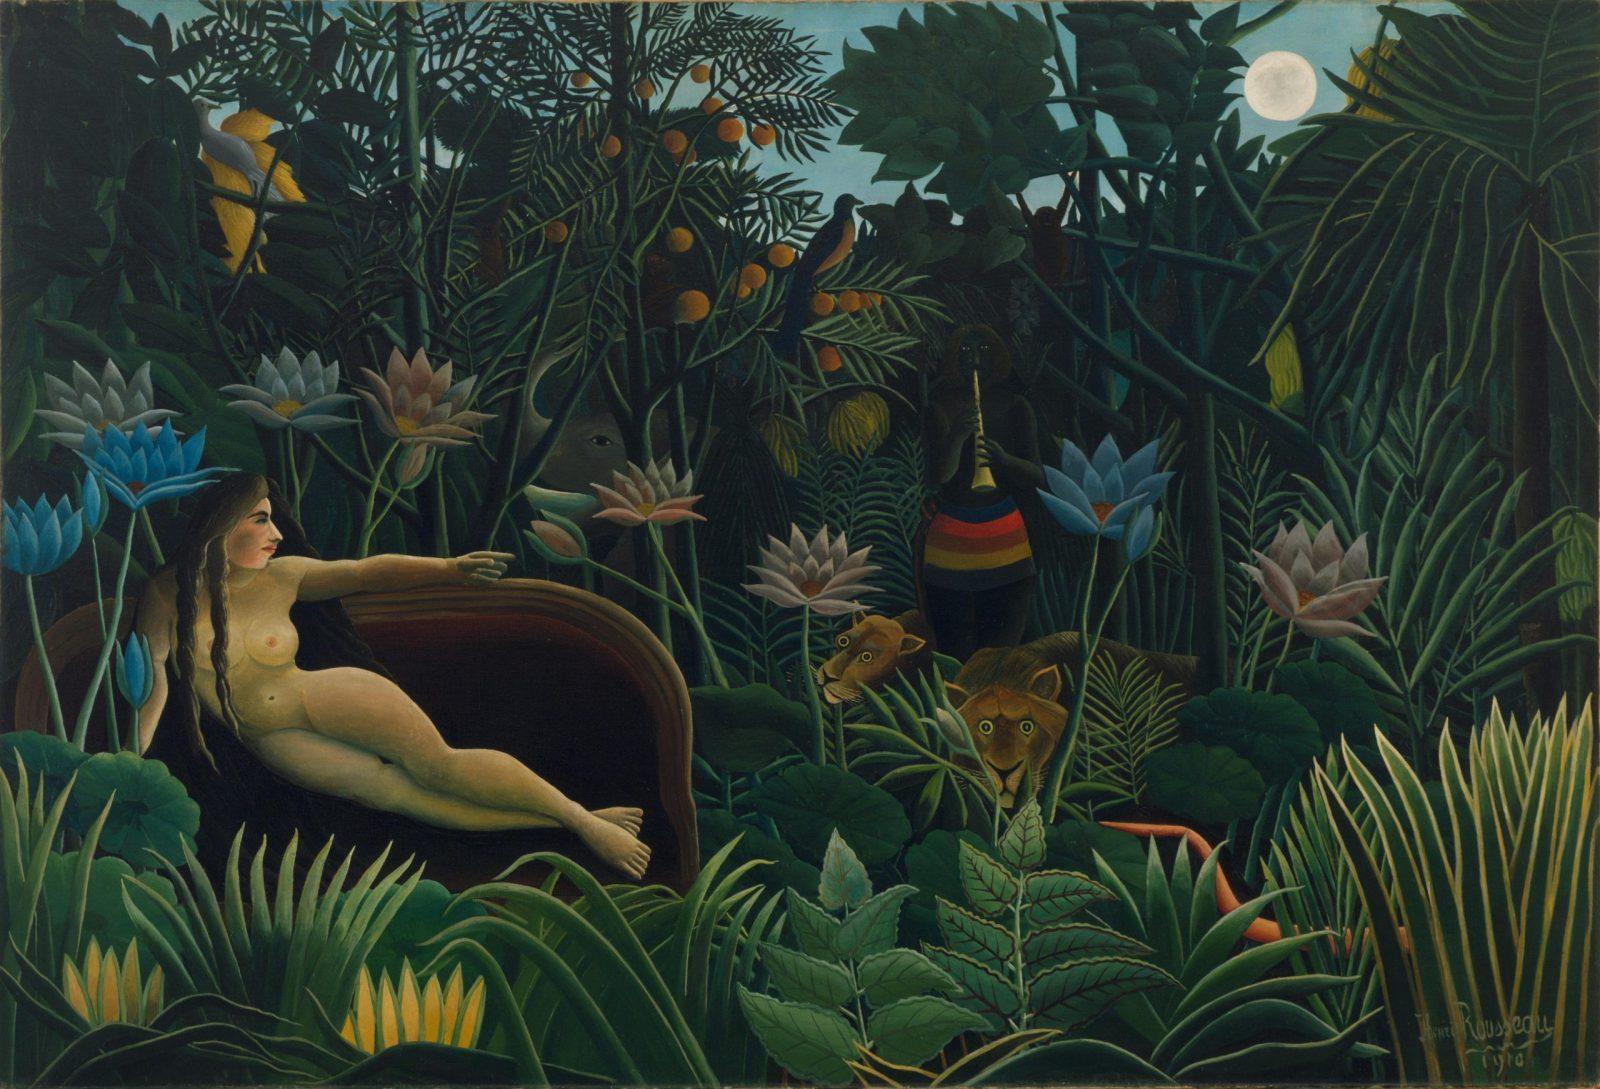 Henri_Rousseau_-_Le_Rêve_-_Google_Art_Project